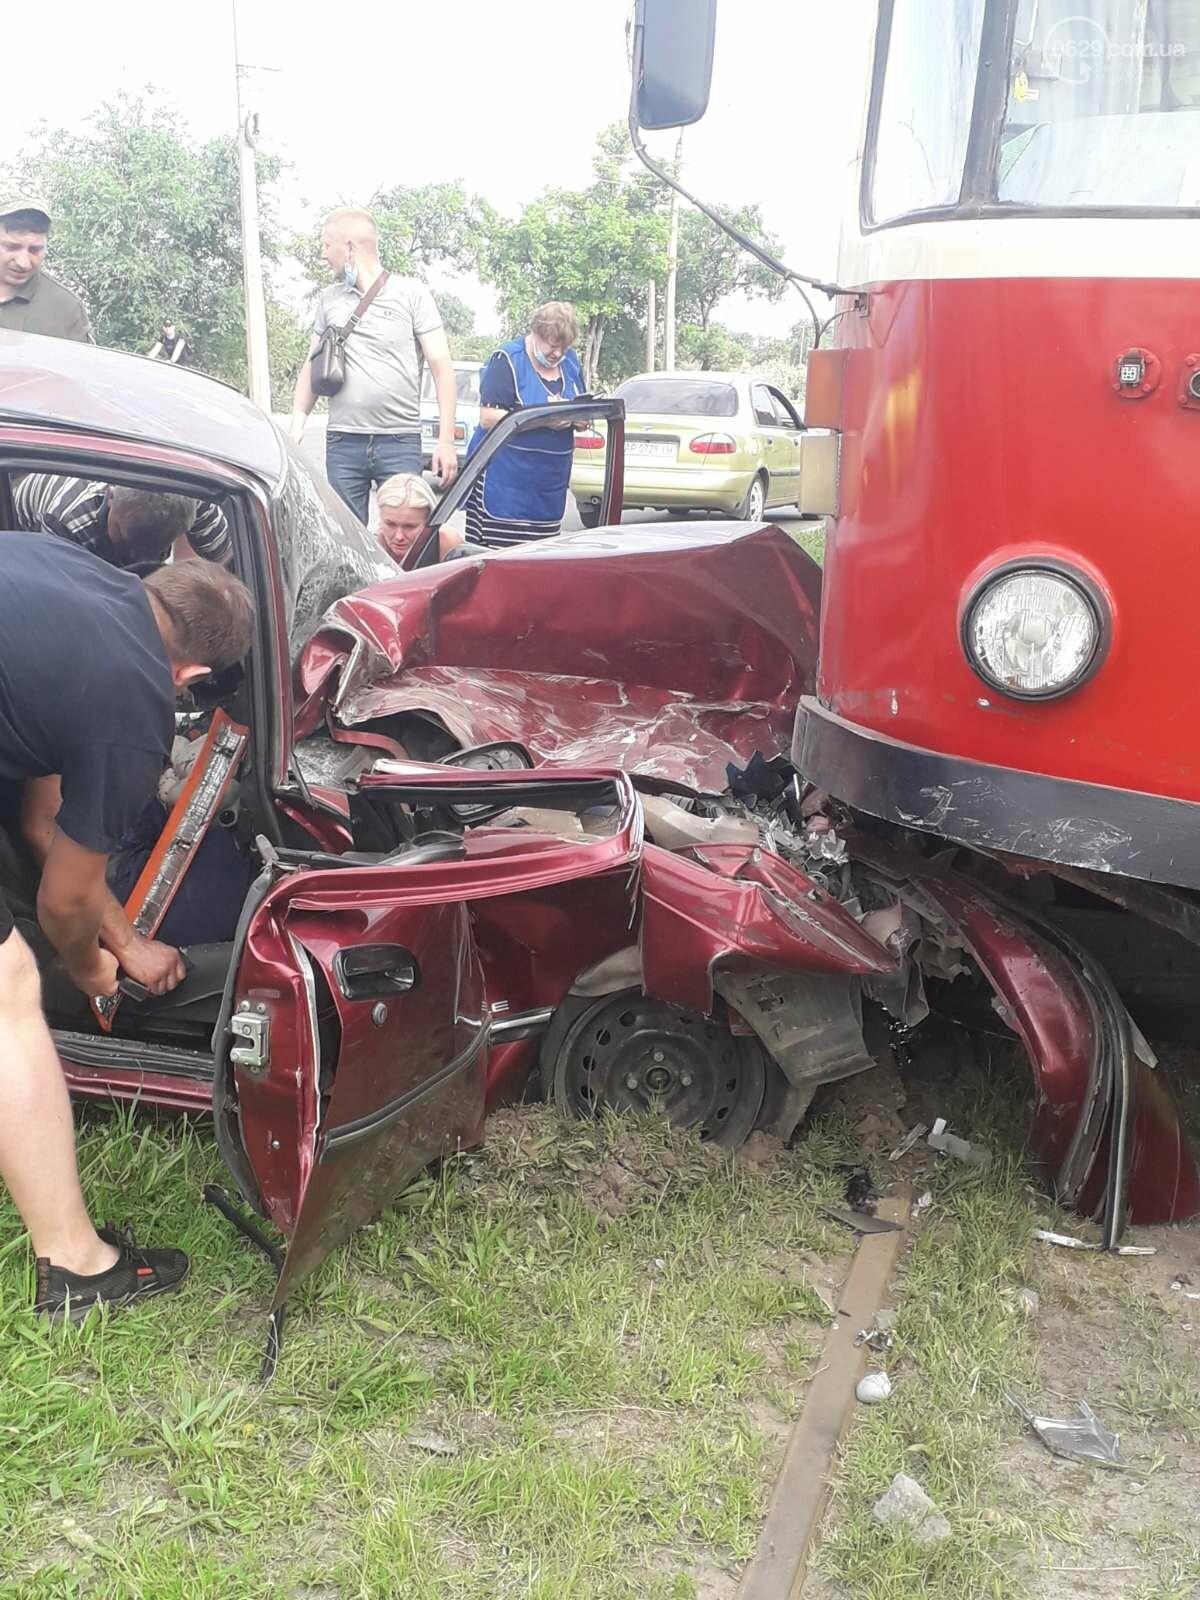 В Мариуполе Daewoo влетел в трамвай. Водитель легковушки серьезно пострадал, - ФОТО, фото-12